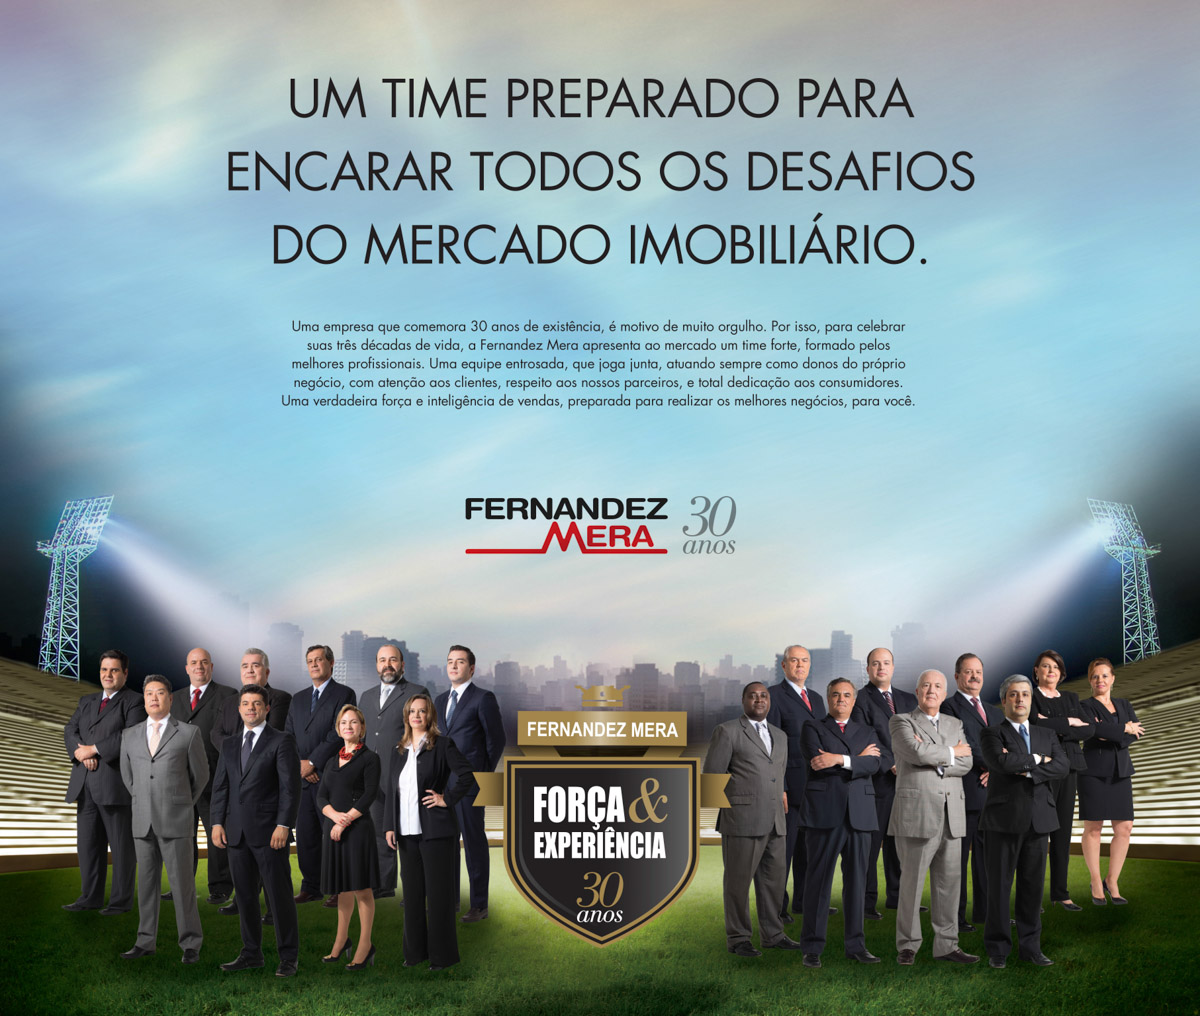 Fernandez Mera - Publicidade Archote